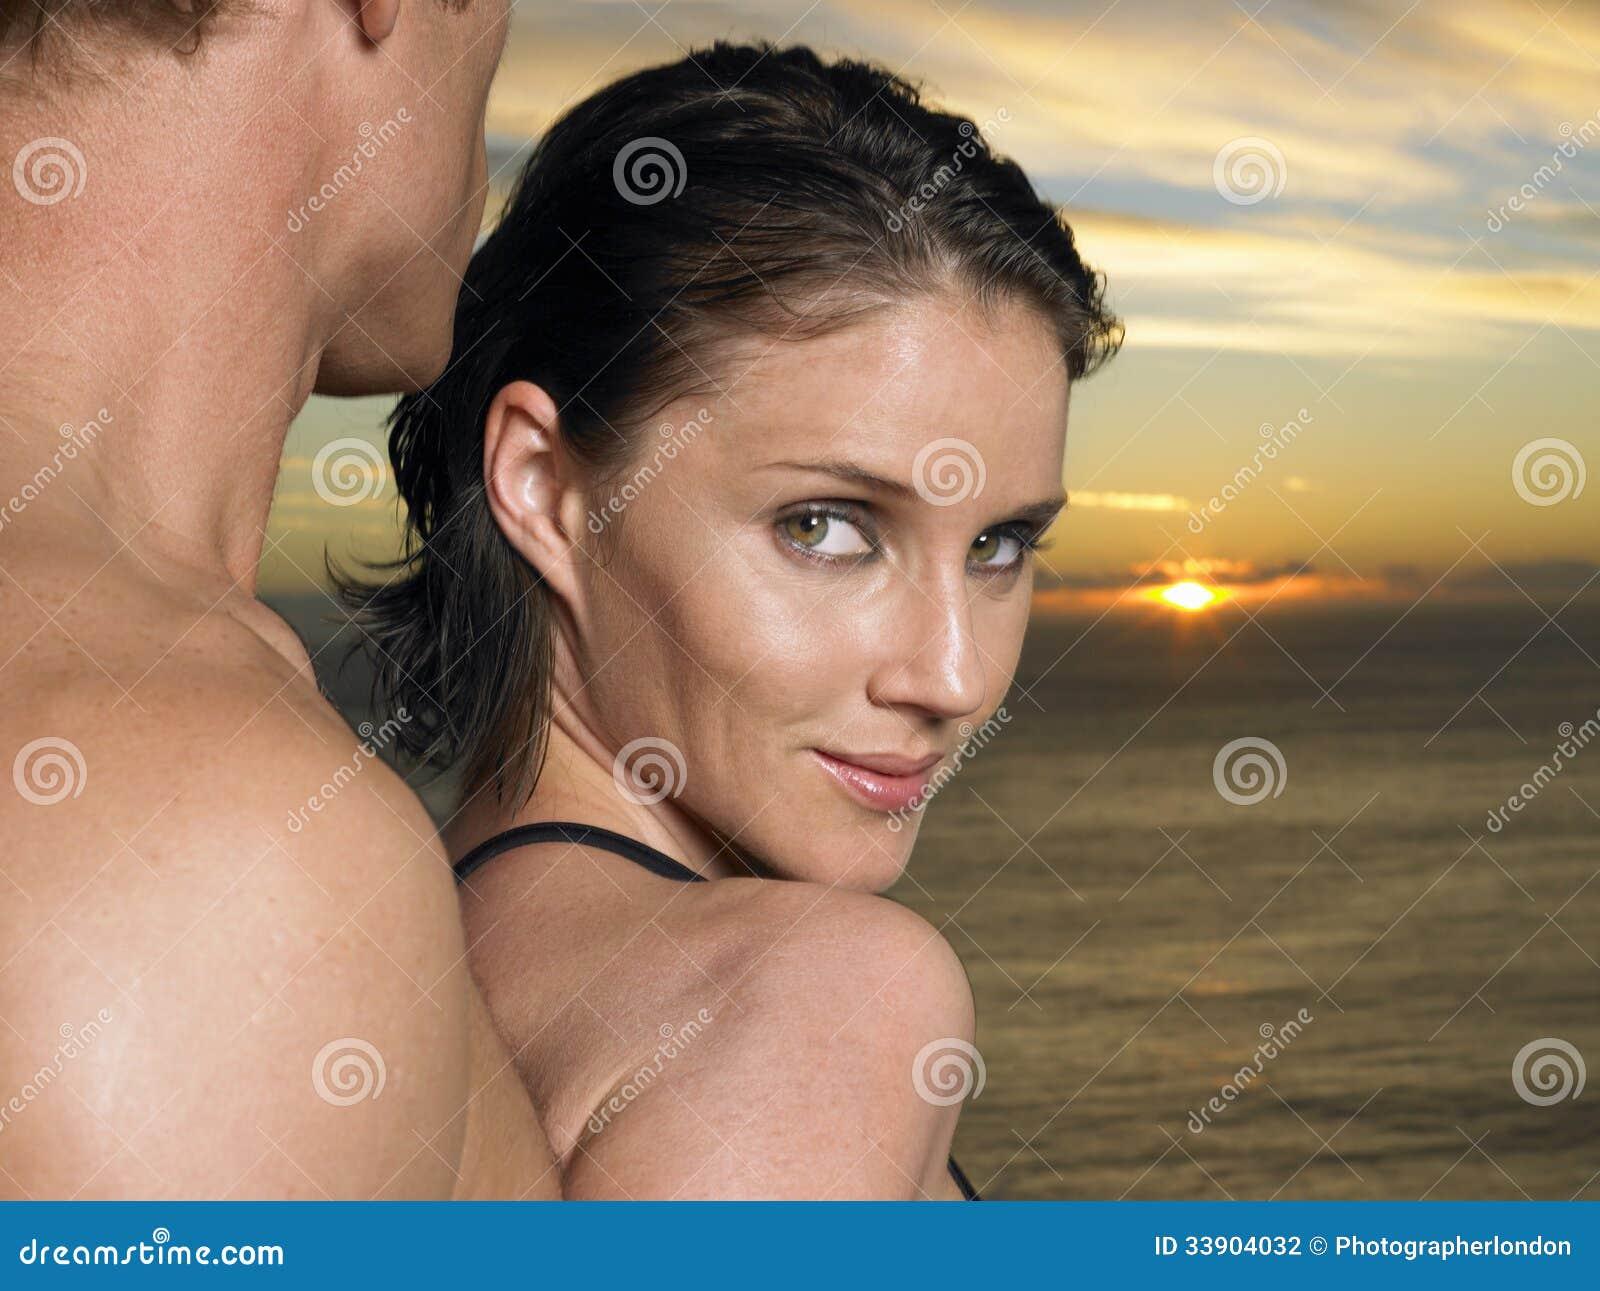 john holmes nude women